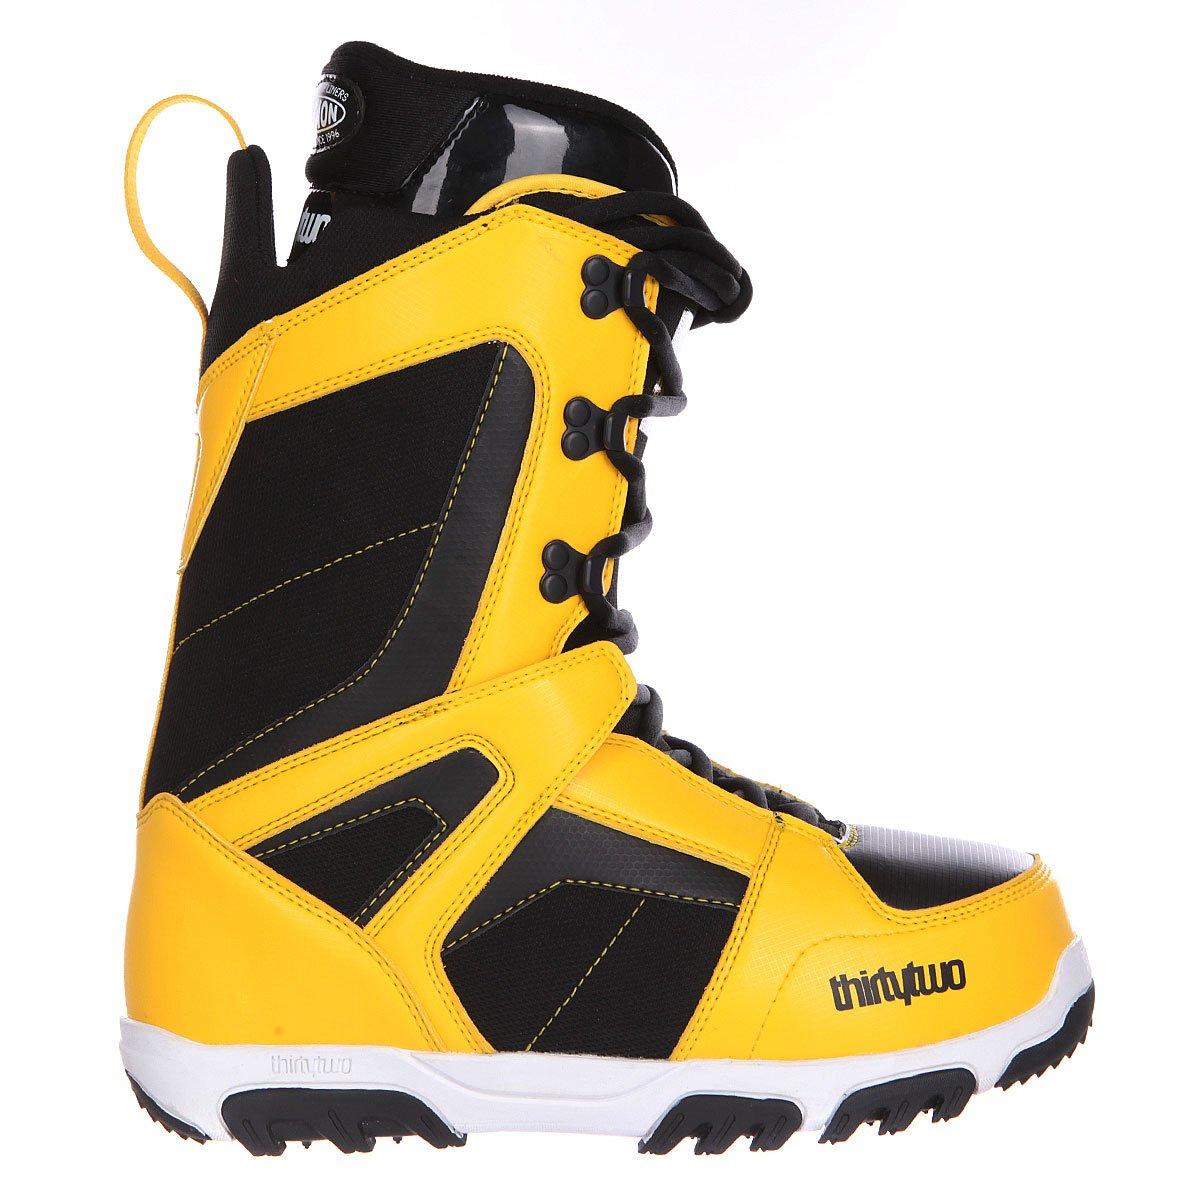 b9527f106732 Купить ботинки для сноуборда Thirty Two Prion Black Yellow в ...